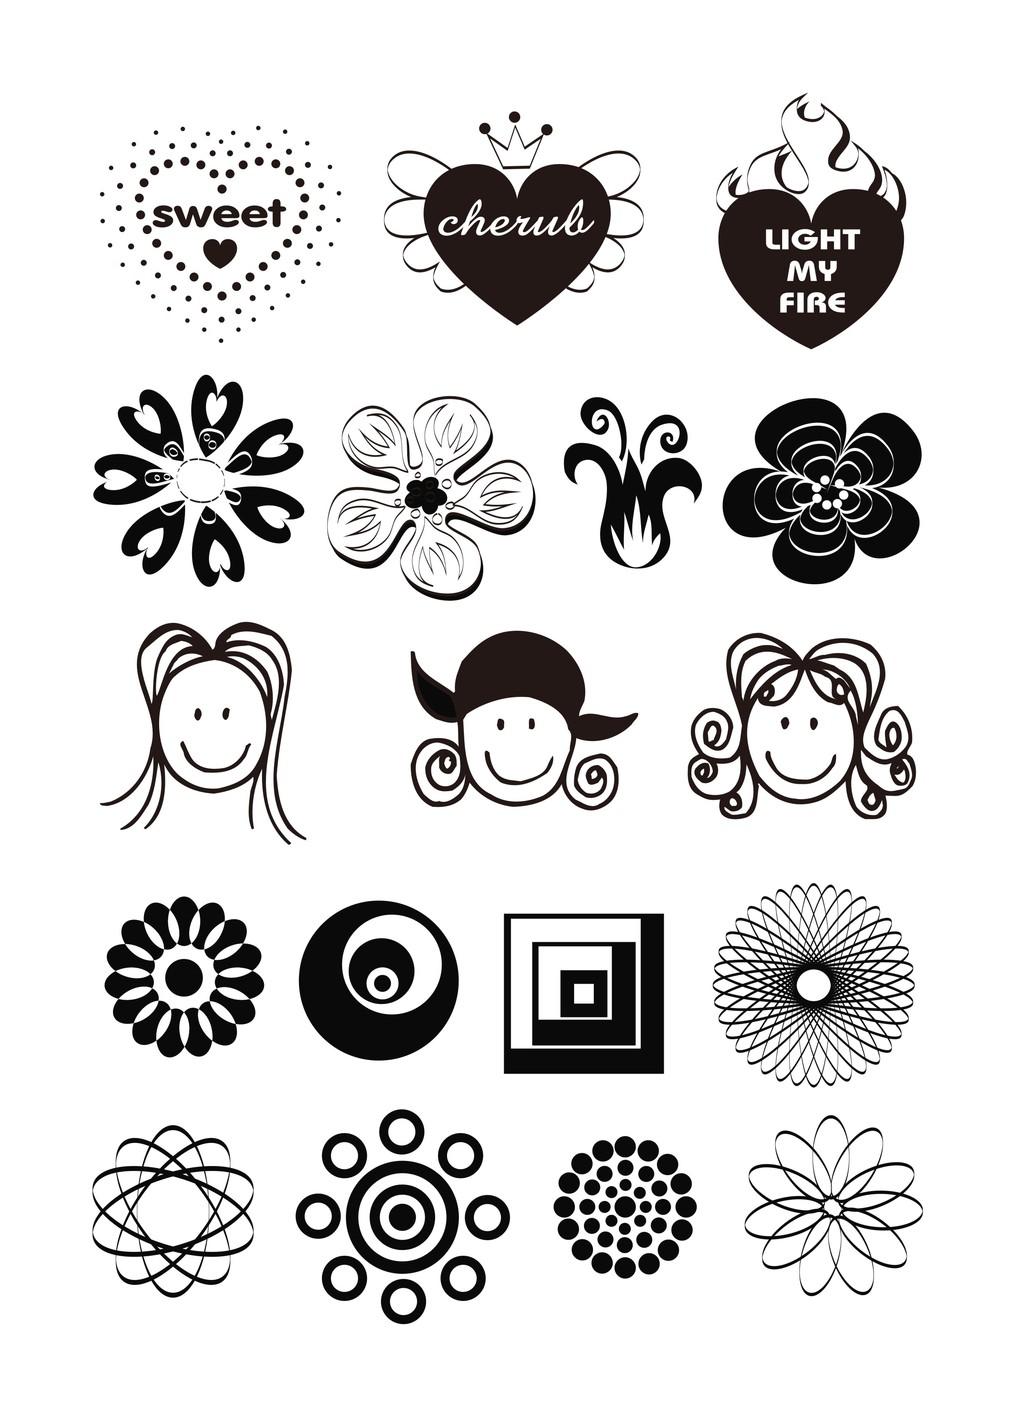 > 植物花卉简笔画装饰画   图片编号:26991874 文件格式:其他 颜色